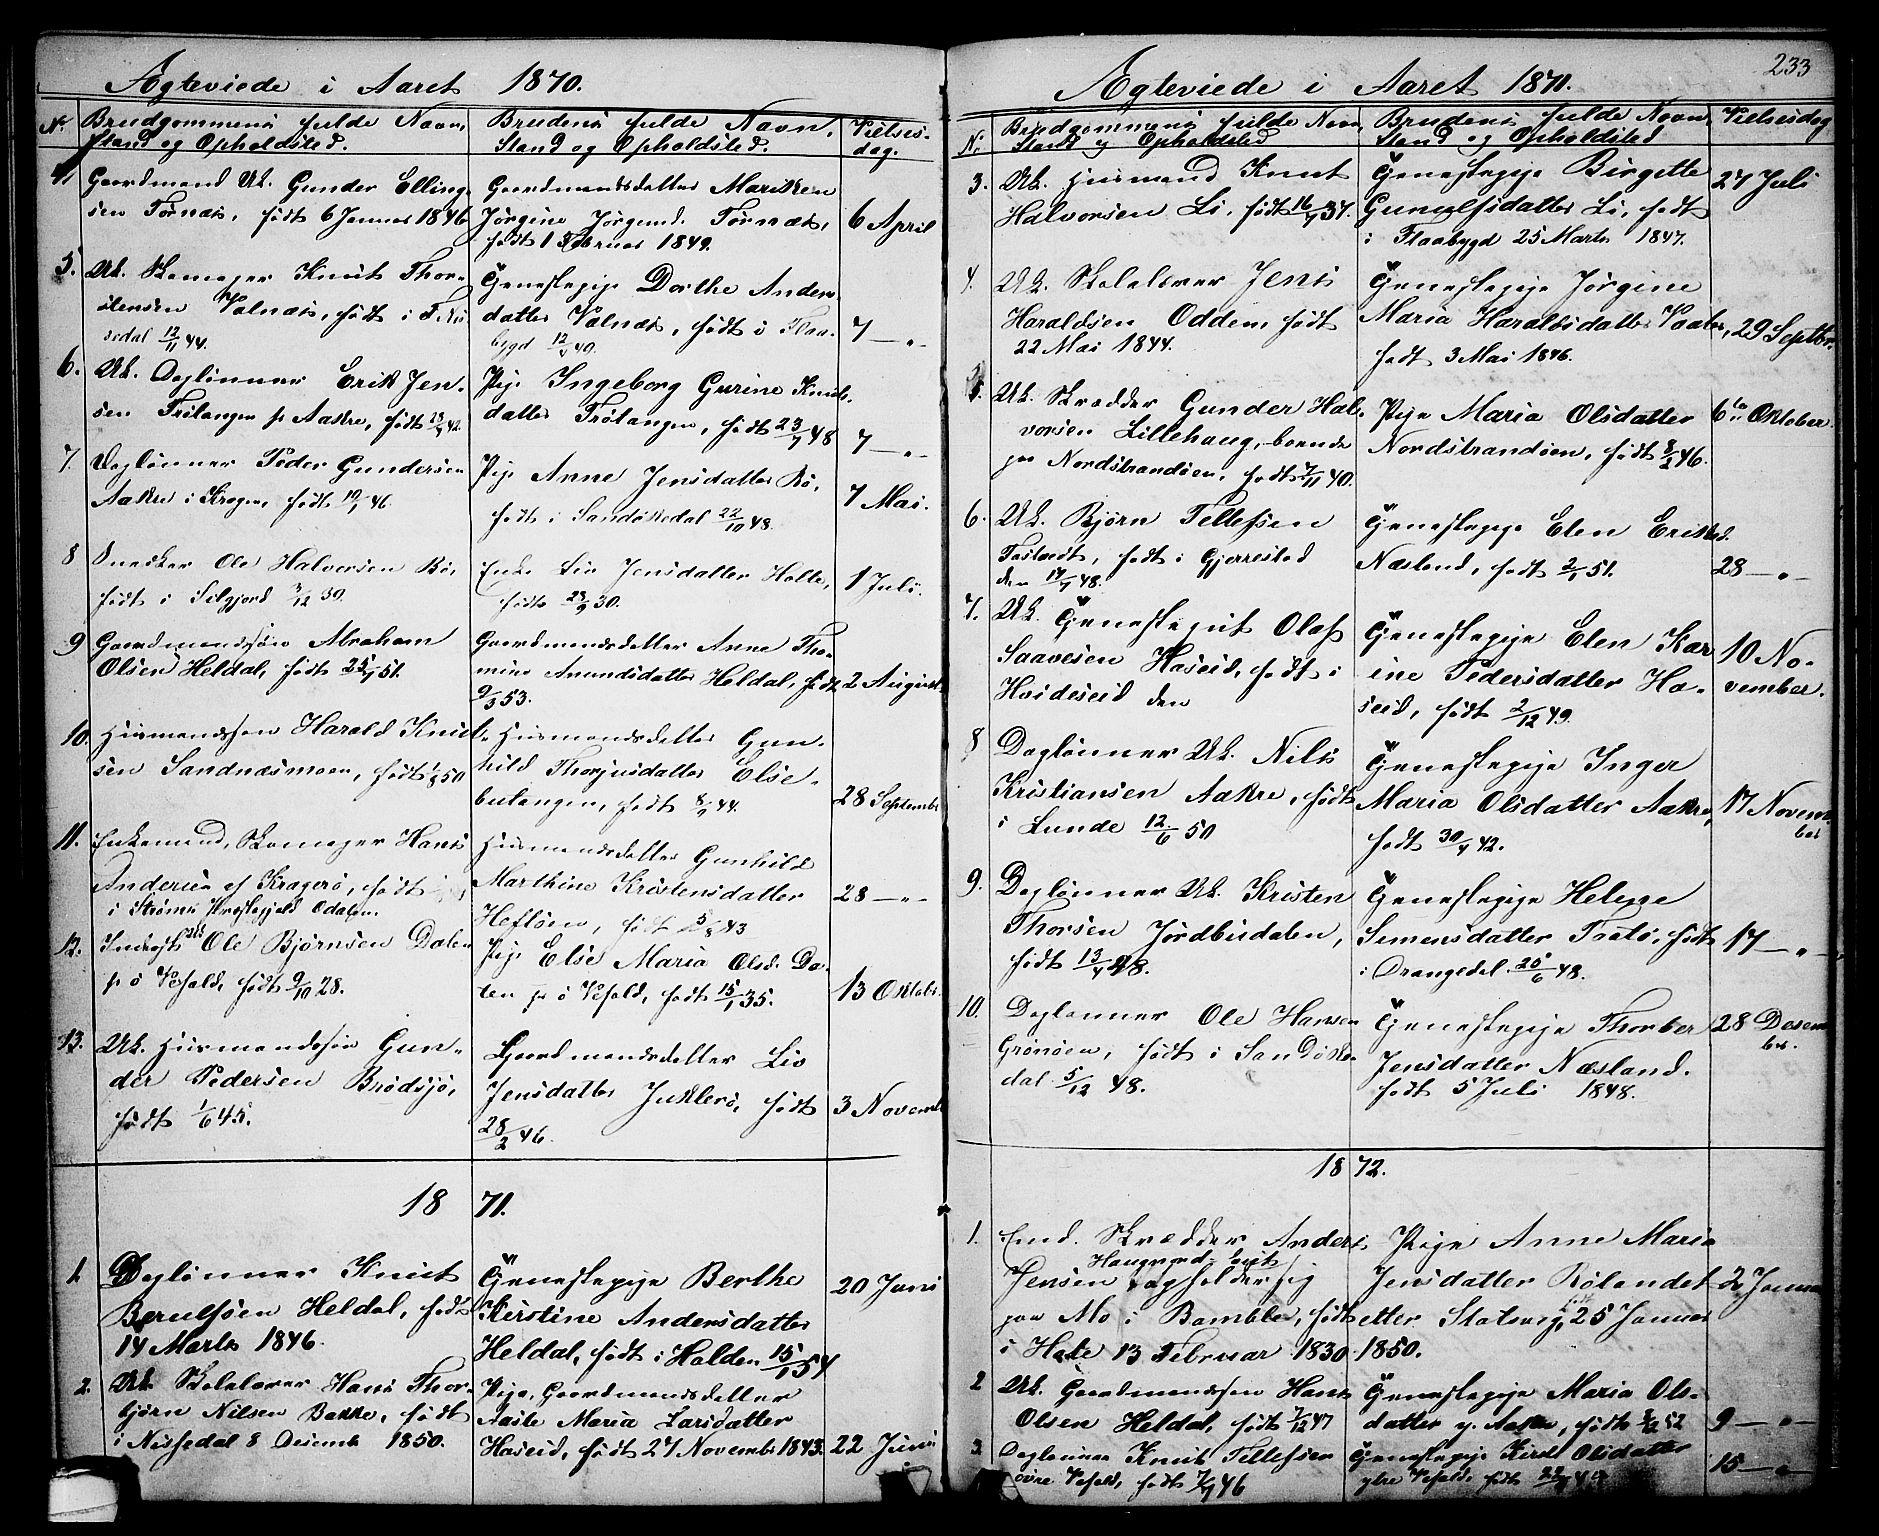 SAKO, Drangedal kirkebøker, G/Ga/L0002: Klokkerbok nr. I 2, 1856-1887, s. 233